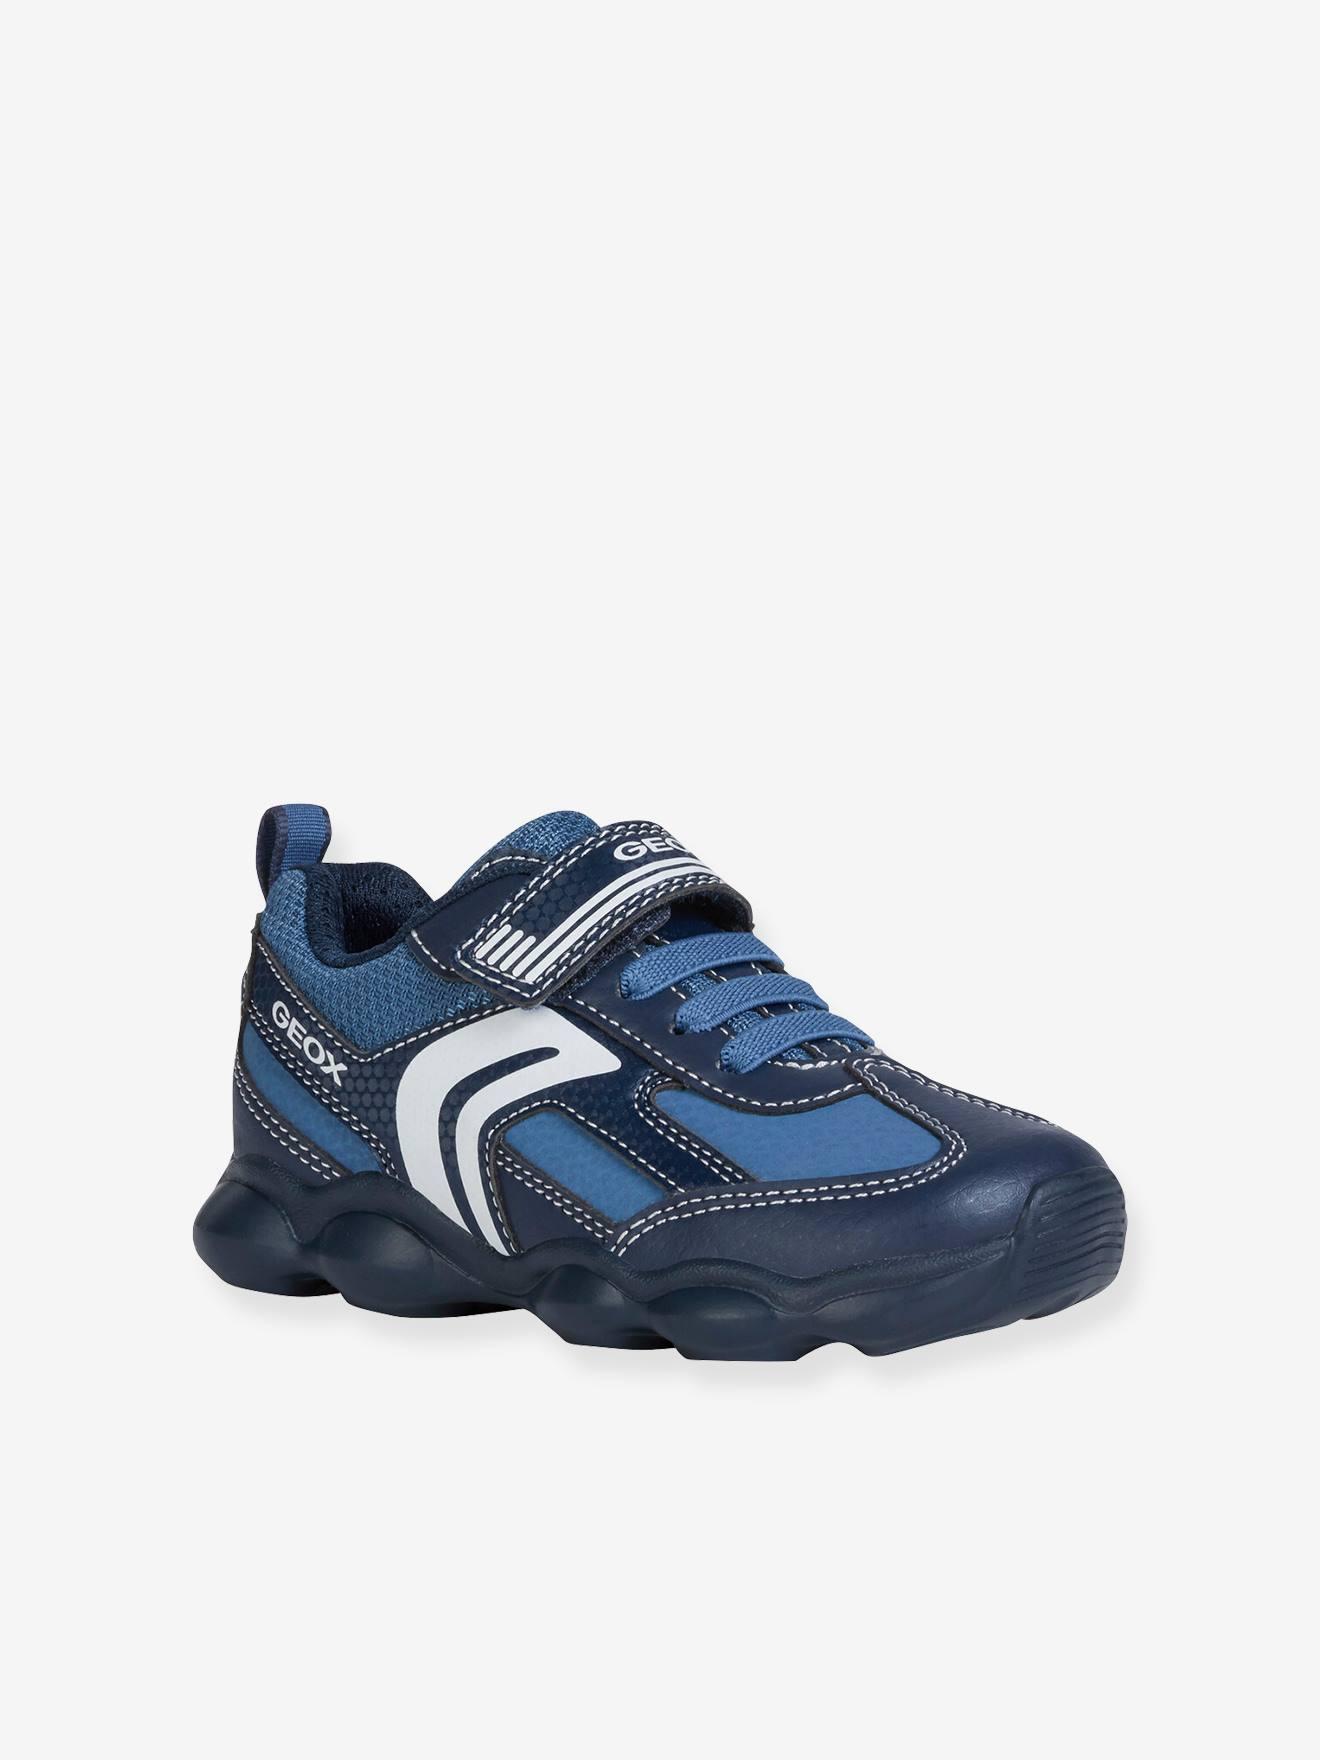 Jungen Schuhe Geox hohe Qualität, unterschiedliche Designs